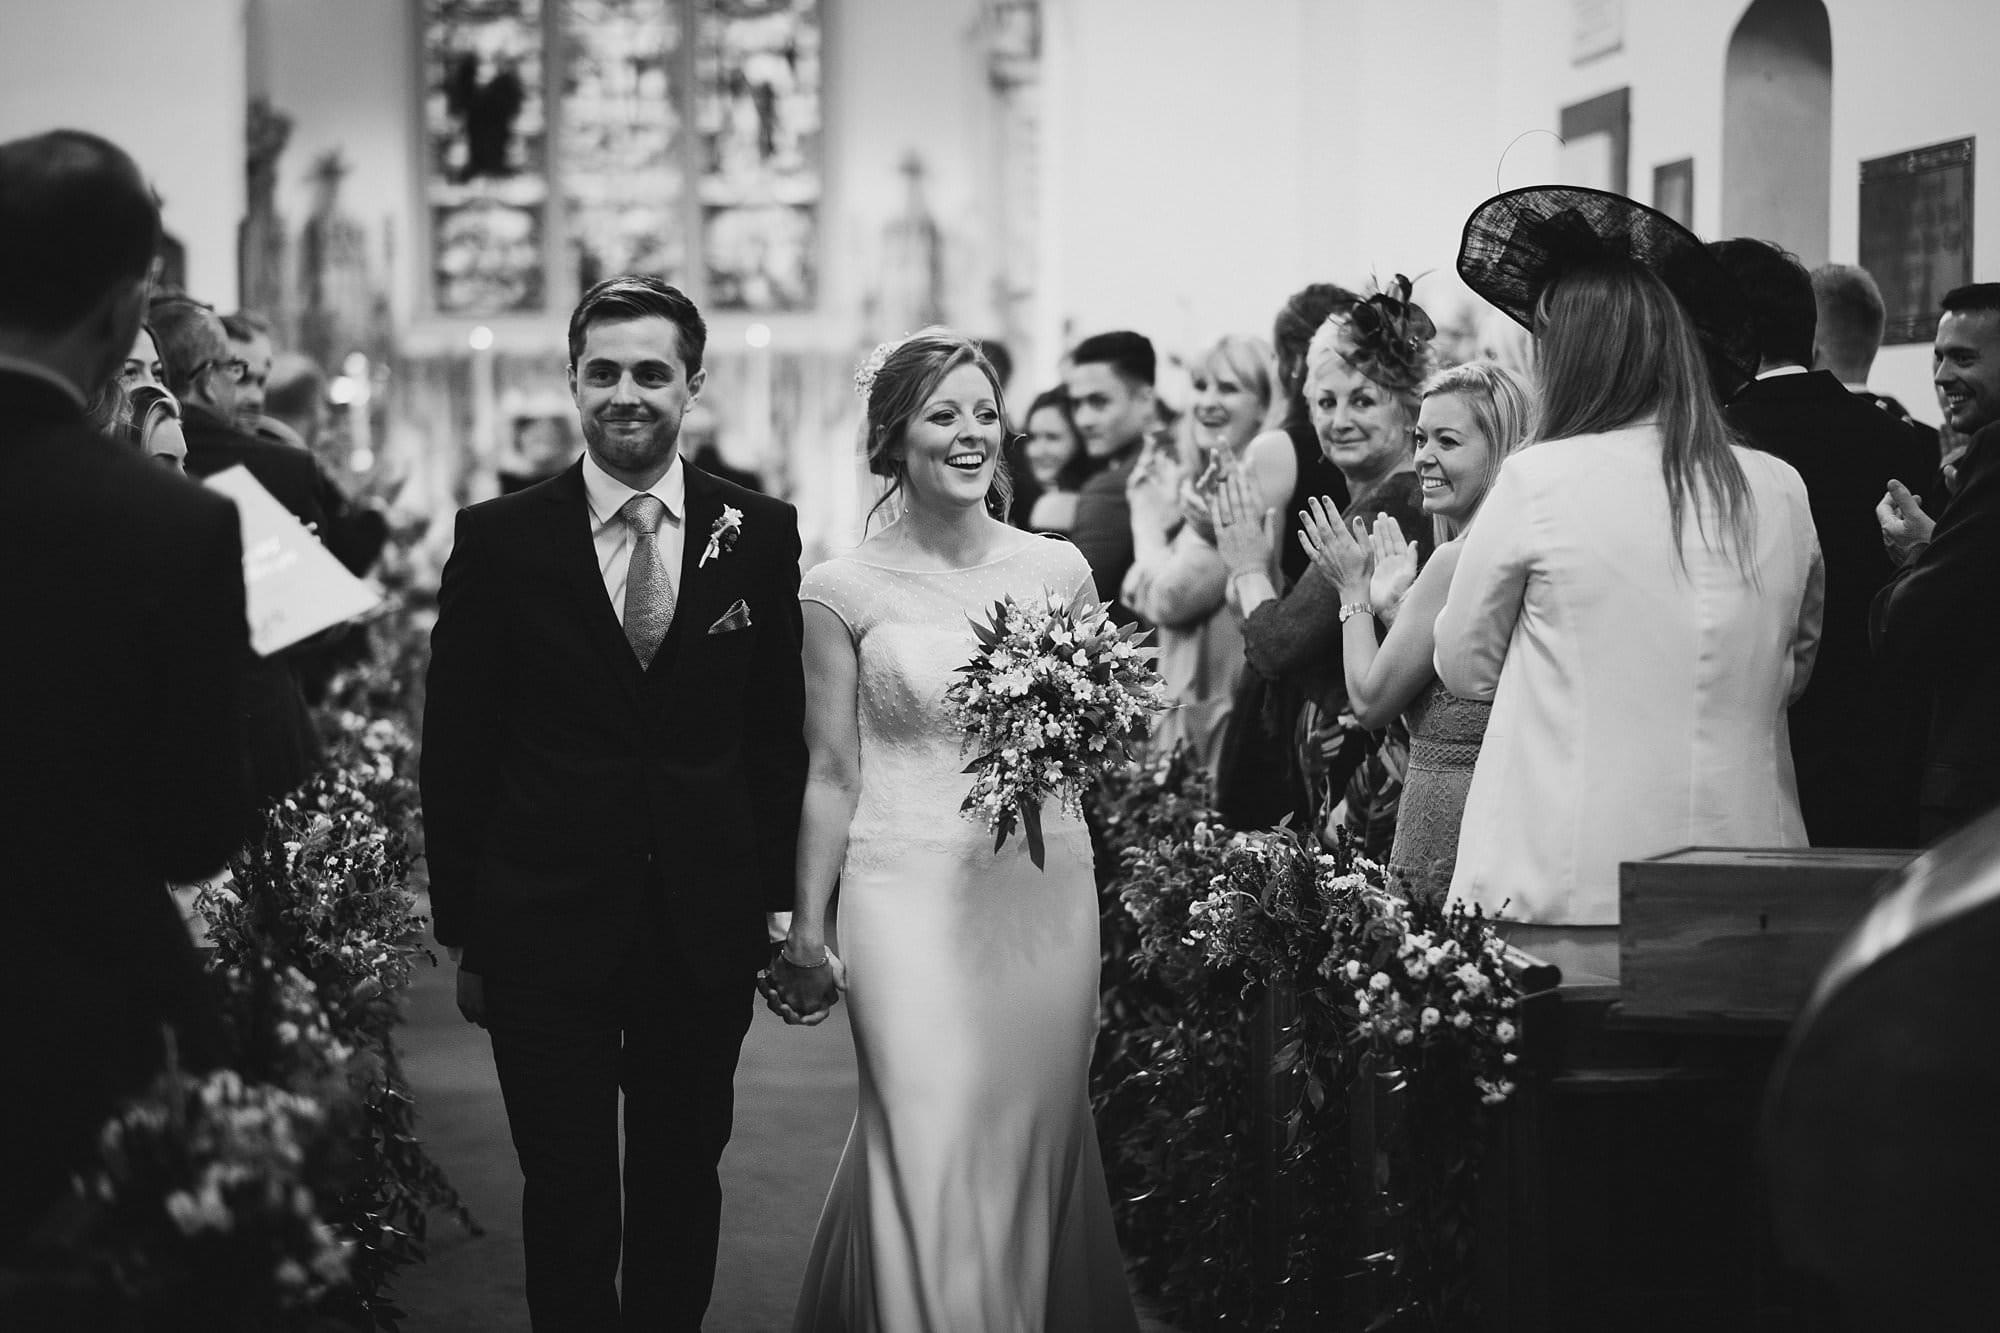 ashtead london wedding photographer 049 - Rachel & Jonny's Ashtead Wedding